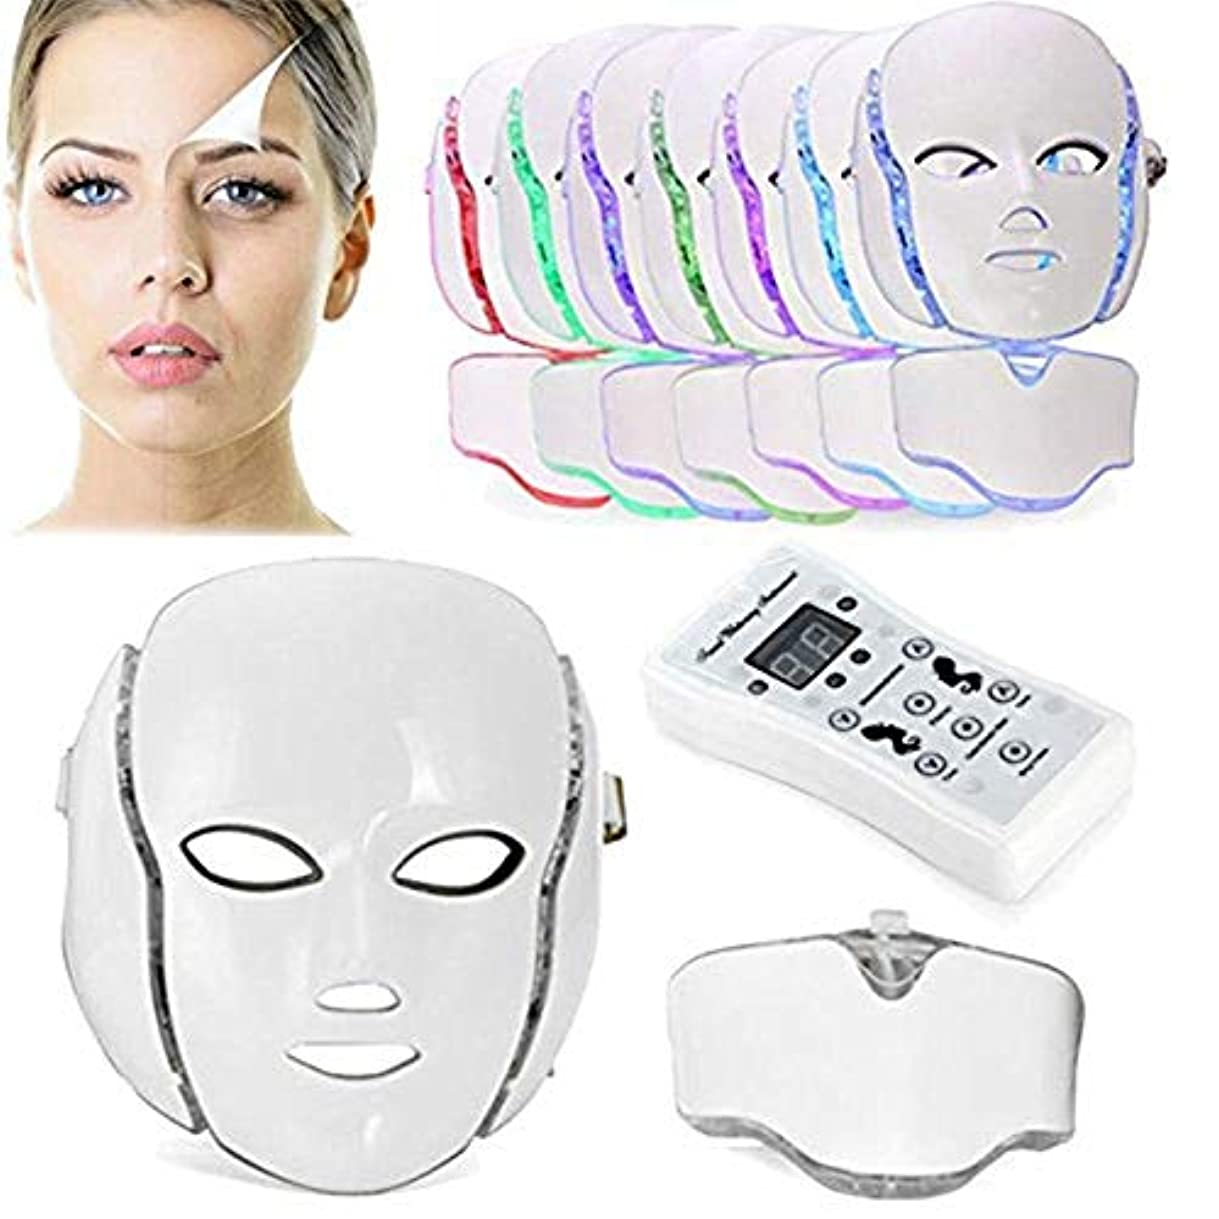 取り戻すオリエンテーション傷跡7色PDT光子LEDの顔のマスクの皮の若返りのしわの取り外しの電気反老化LEDのマスクのアクネ、しわの取り外しのきつく締まること及び白くなること